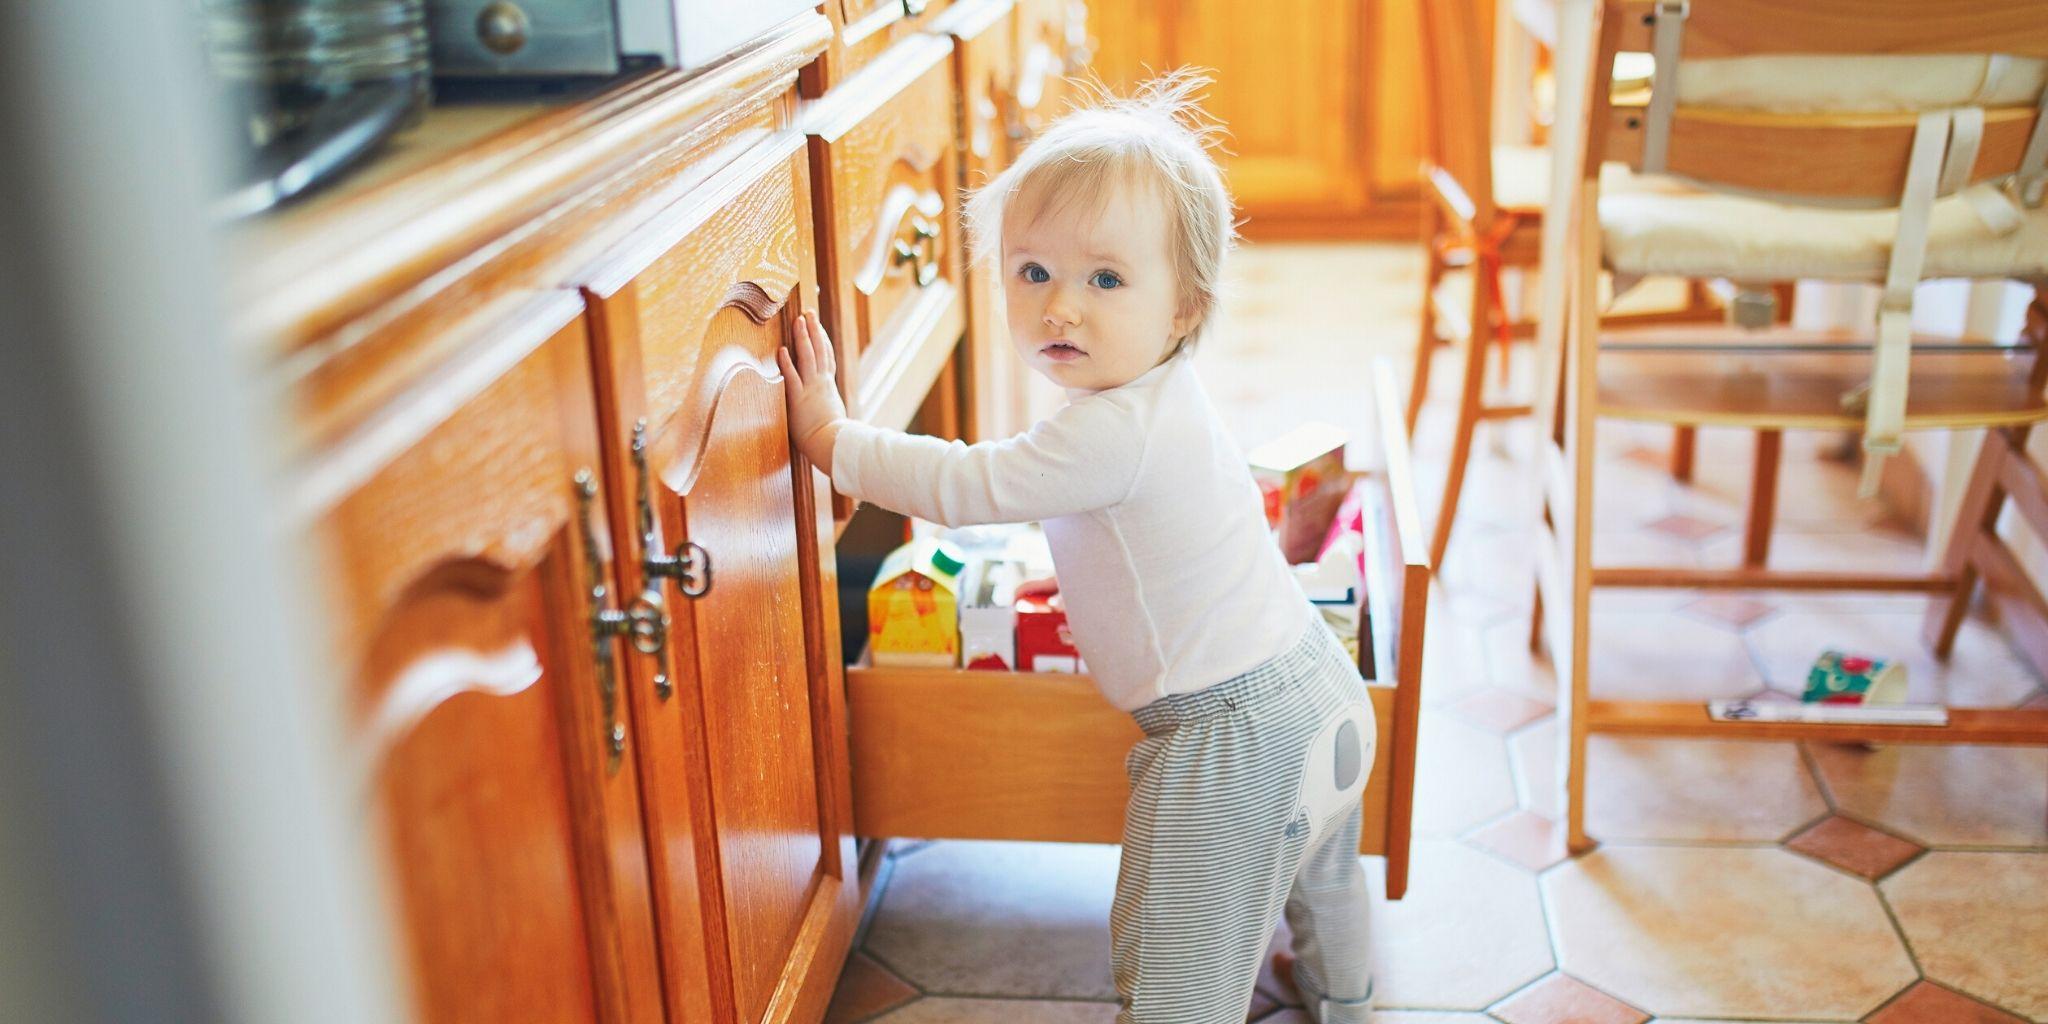 Conseils pour sécuriser votre maison pour votre enfant ou votre bébé